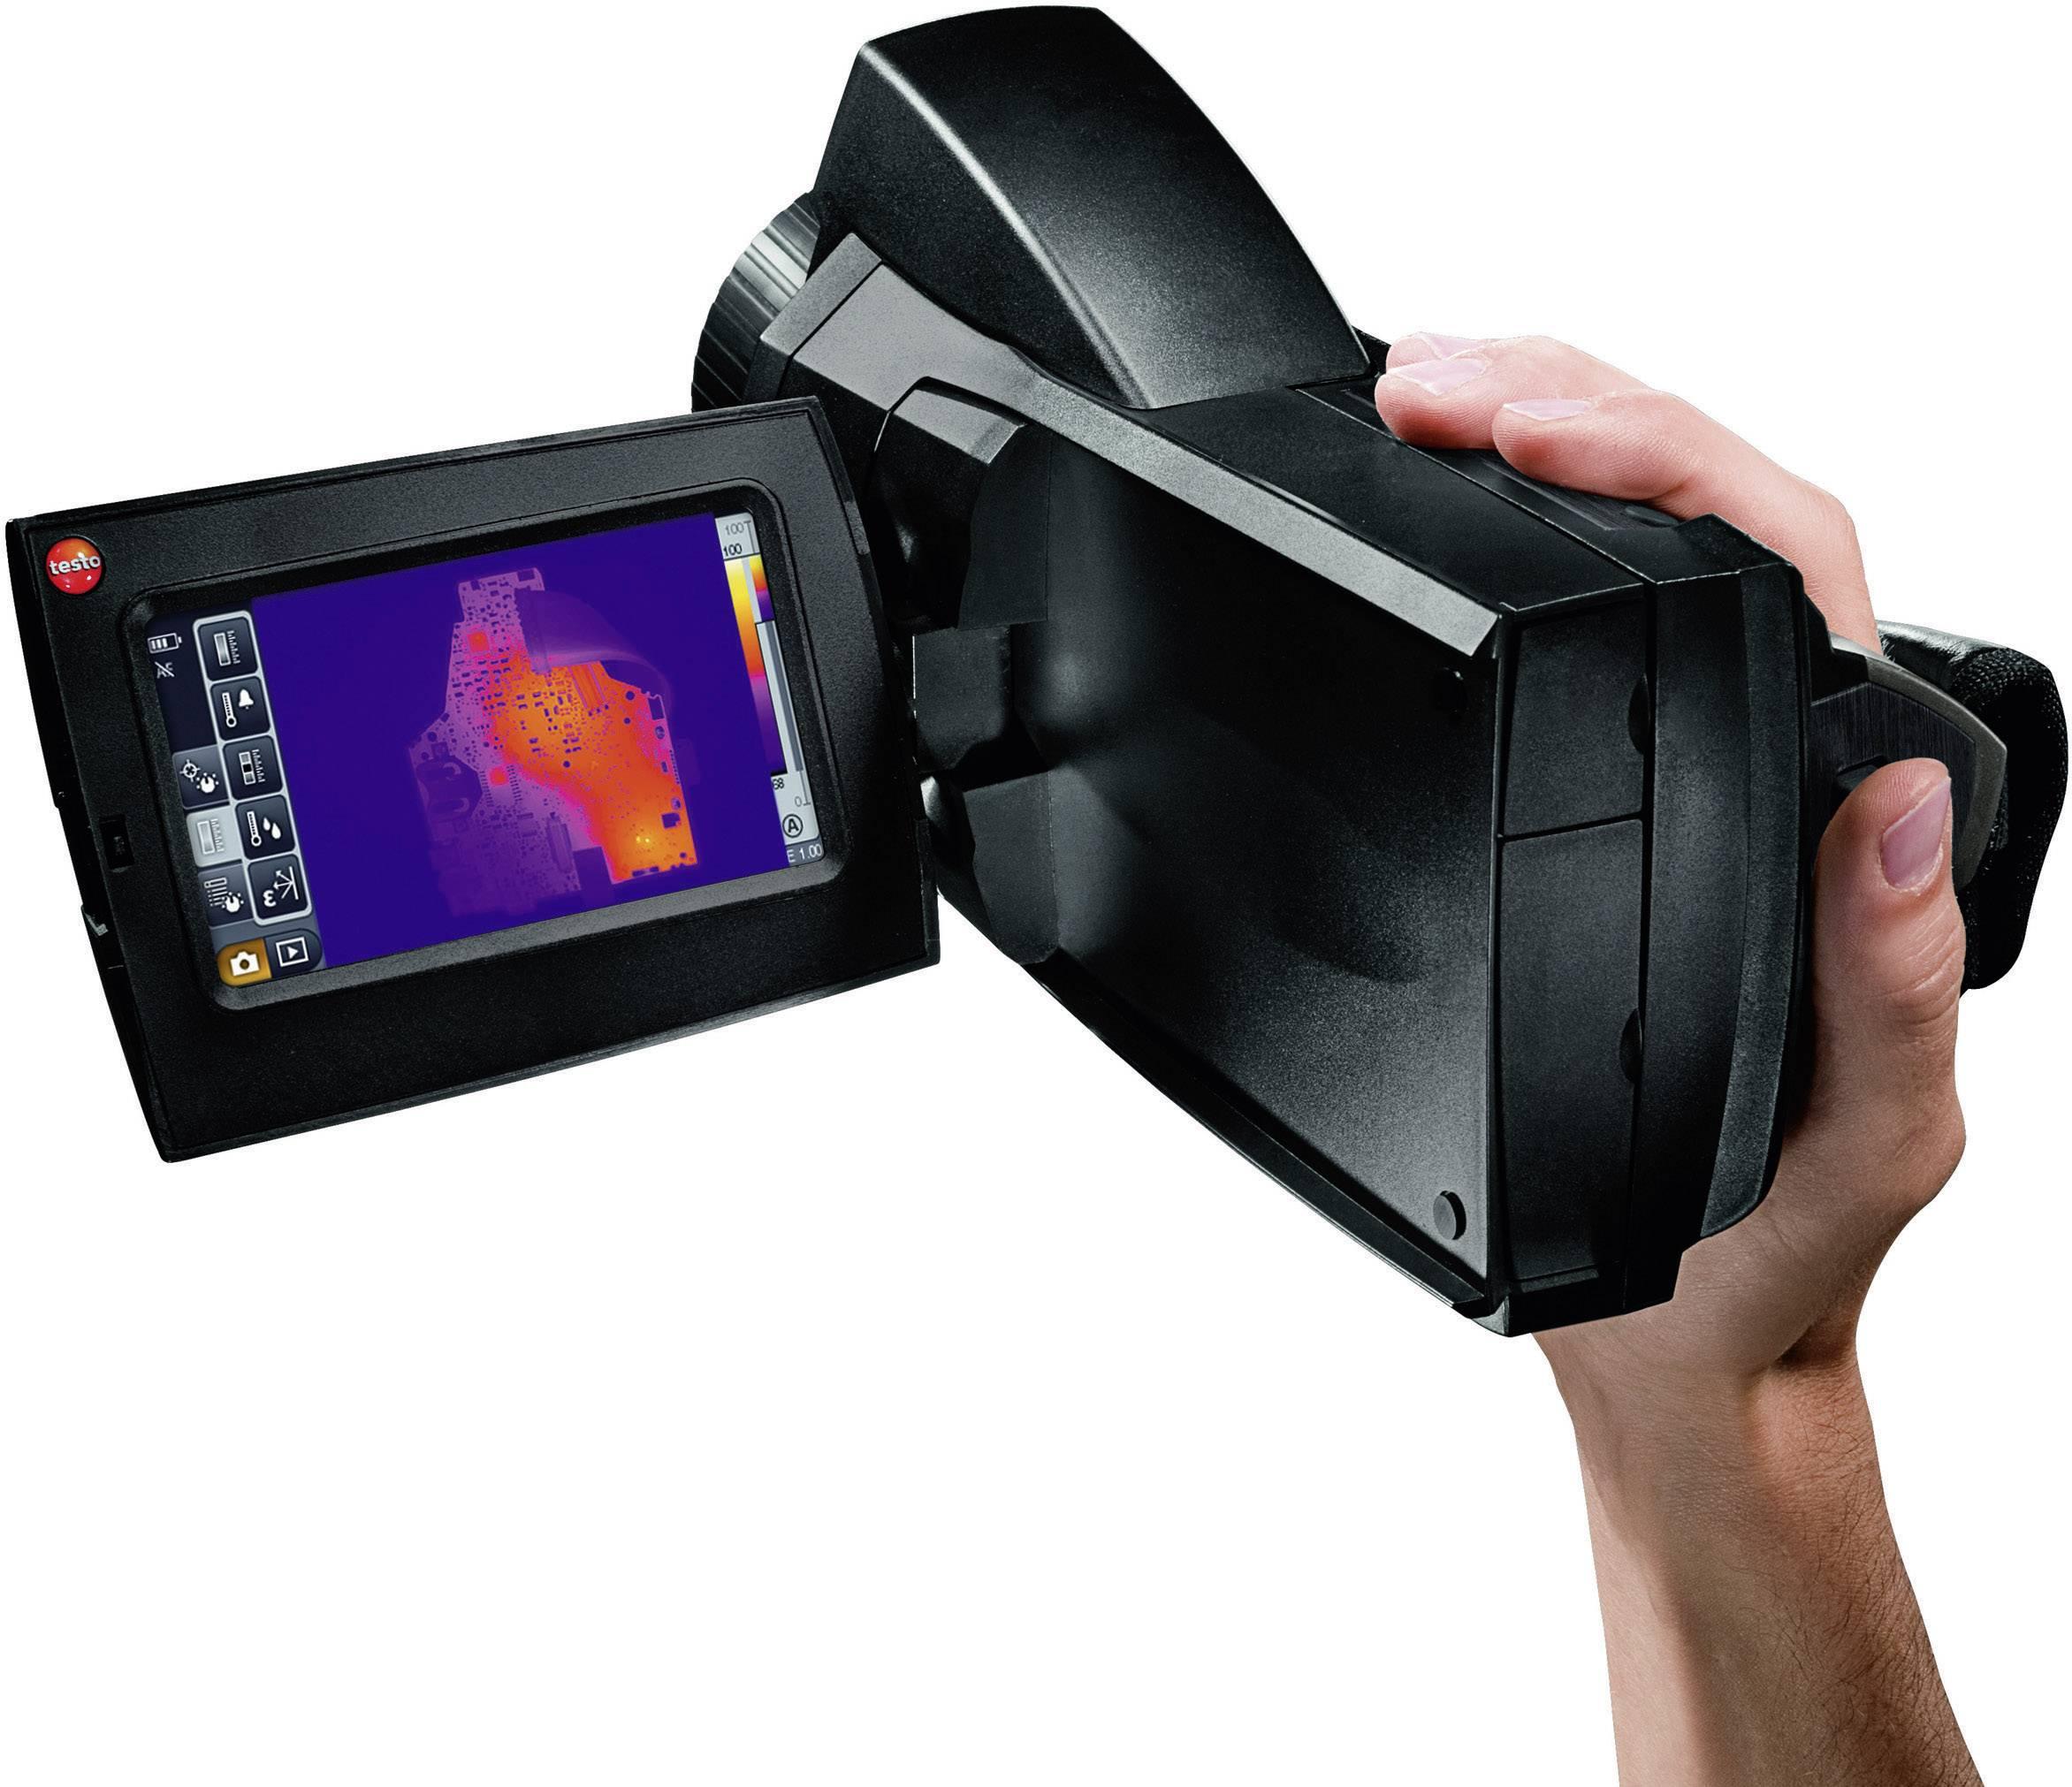 Termokamera testo 890-2 Set 0563 0890 V3, 640 x 320 pix